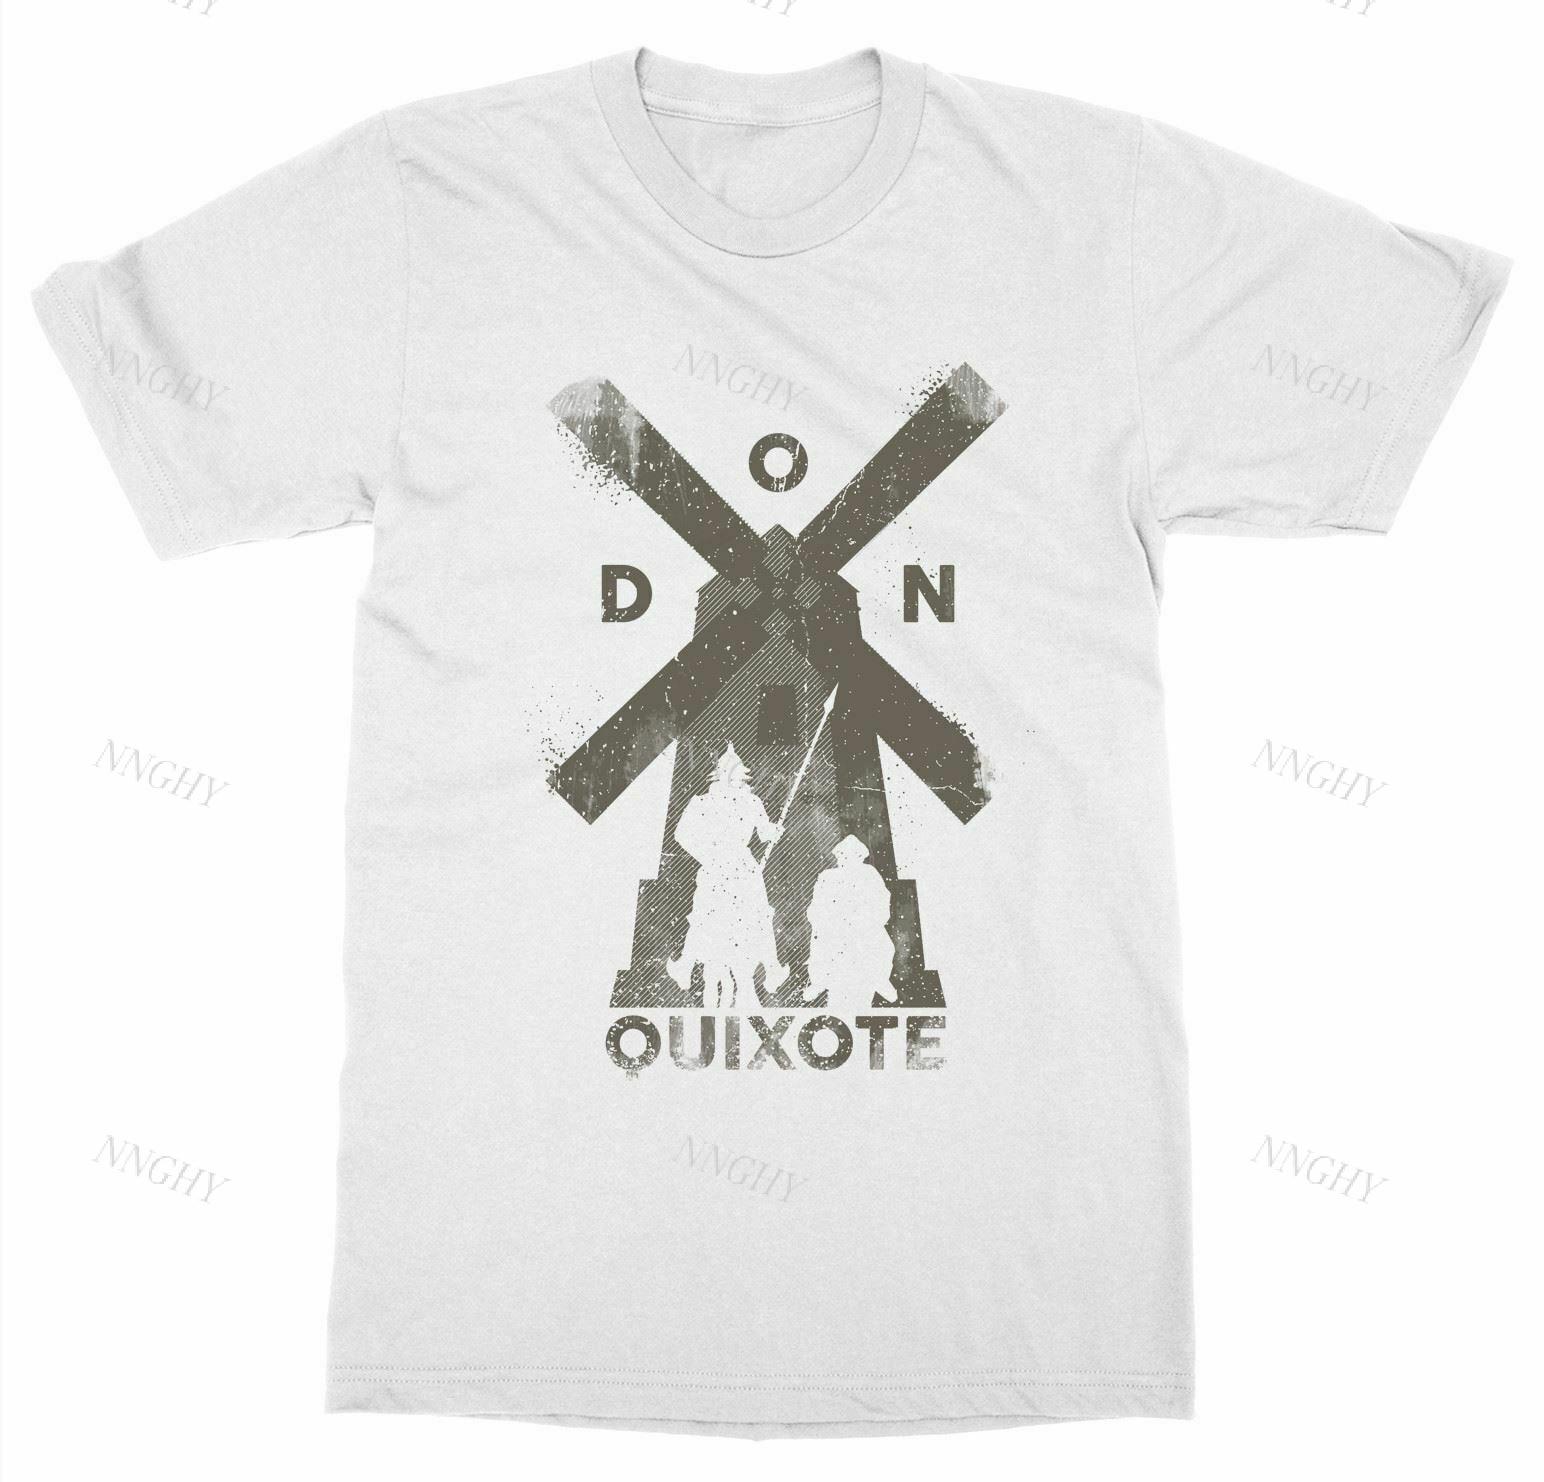 Camiseta De Don Quijote para hombre, prenda De vestir, con estampado De...